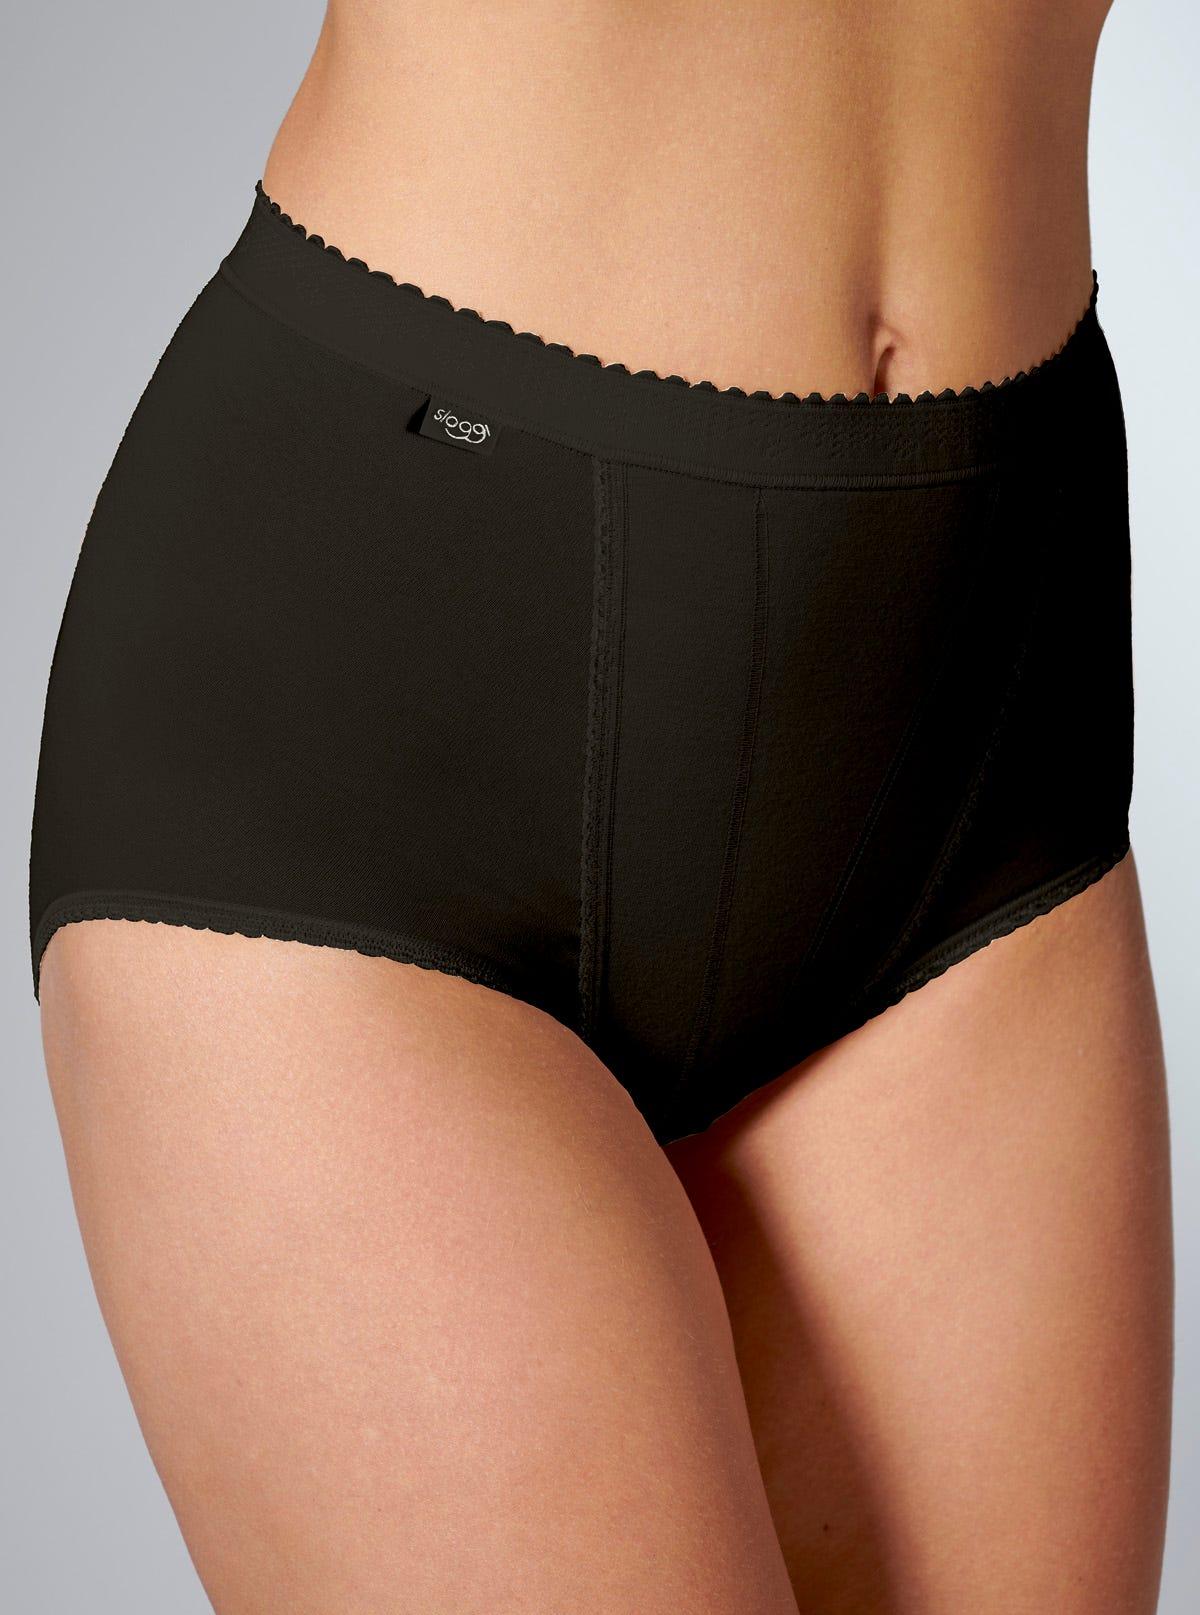 b2a603fa86 Sloggi Control Maxi Briefs - Control Underwear - Lingerie